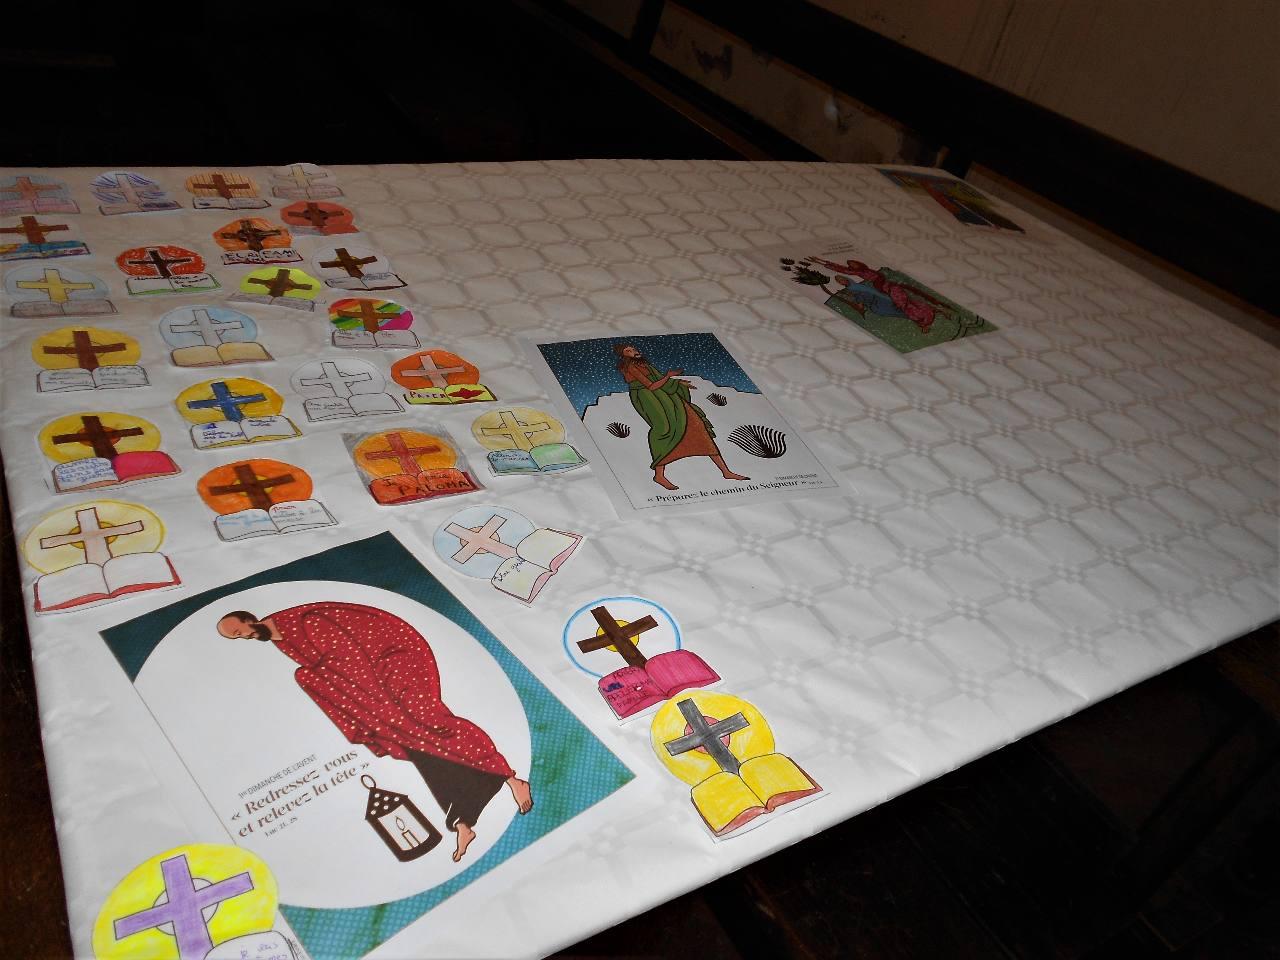 Les  enfants choisissaient de prier, d'aller à la messe, de parler avec un prêtre, de faire un dessin pour Jésus, d'écrire à leur famille, ou autre pour se tourner vers Dieu et vers leur prochain;